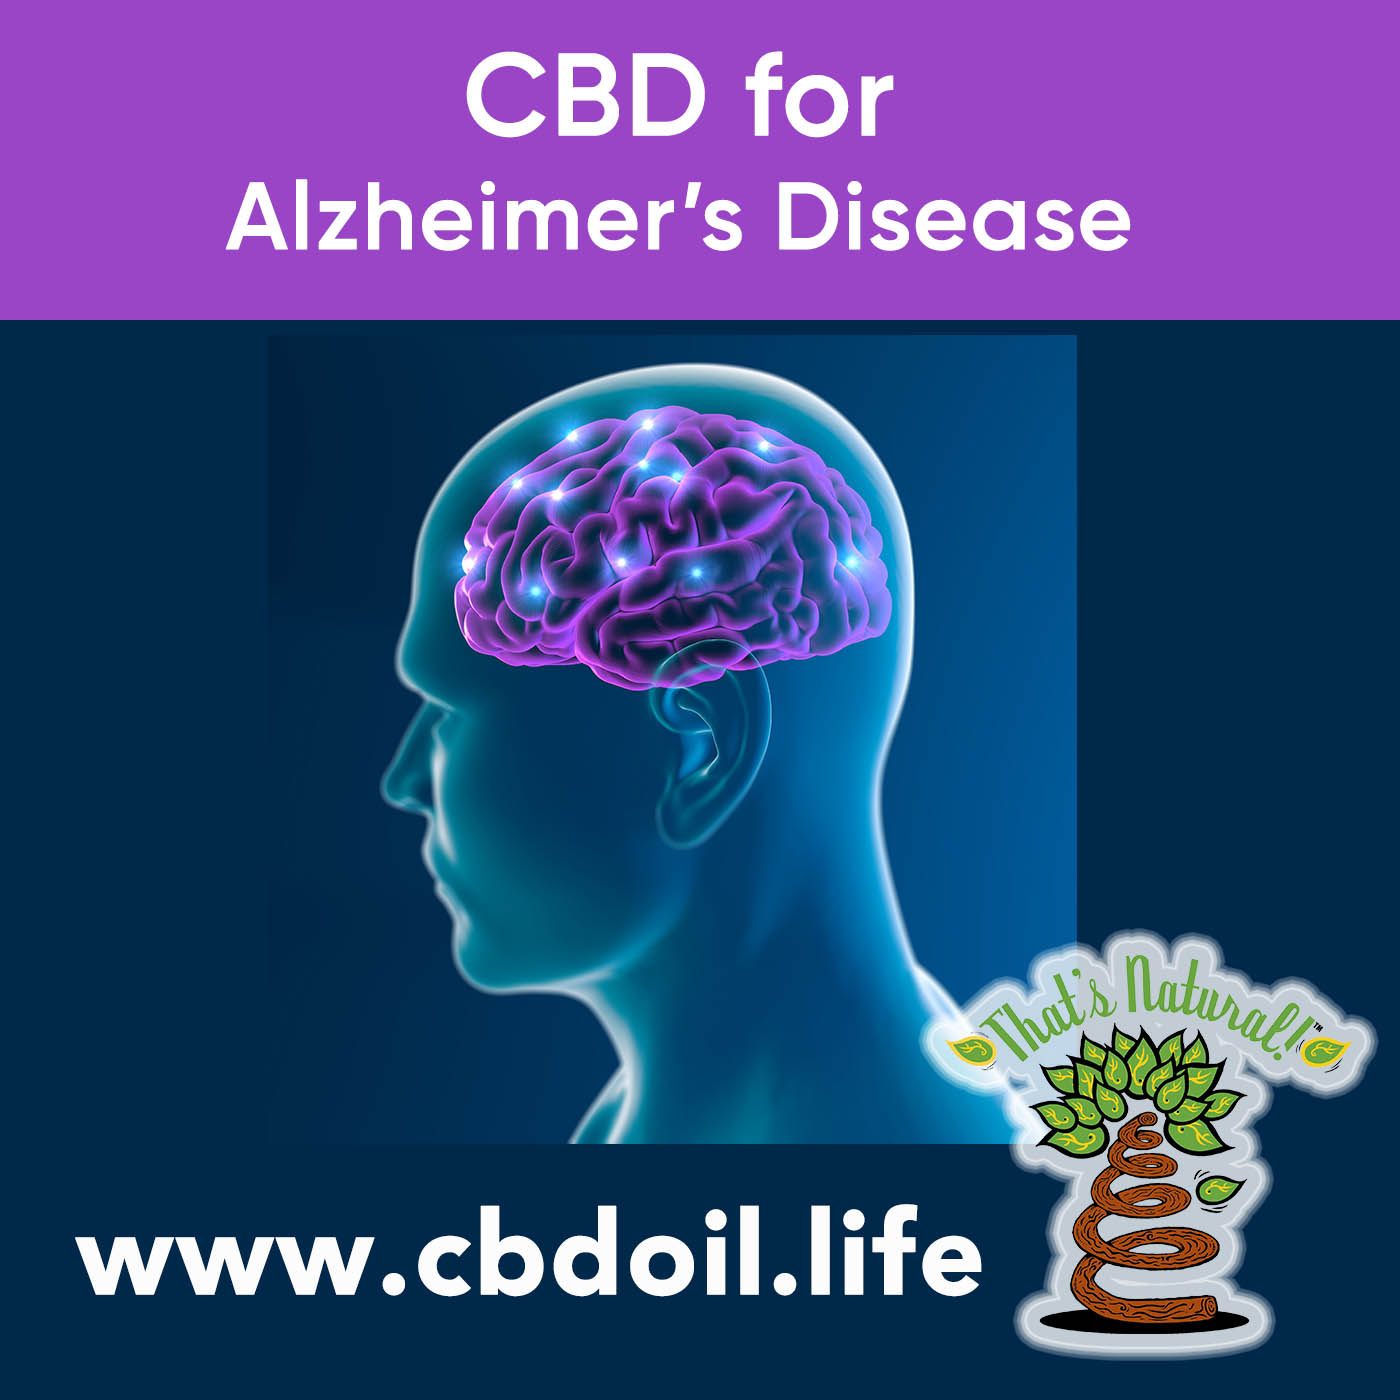 CBD for Alzheimer's Disease V3